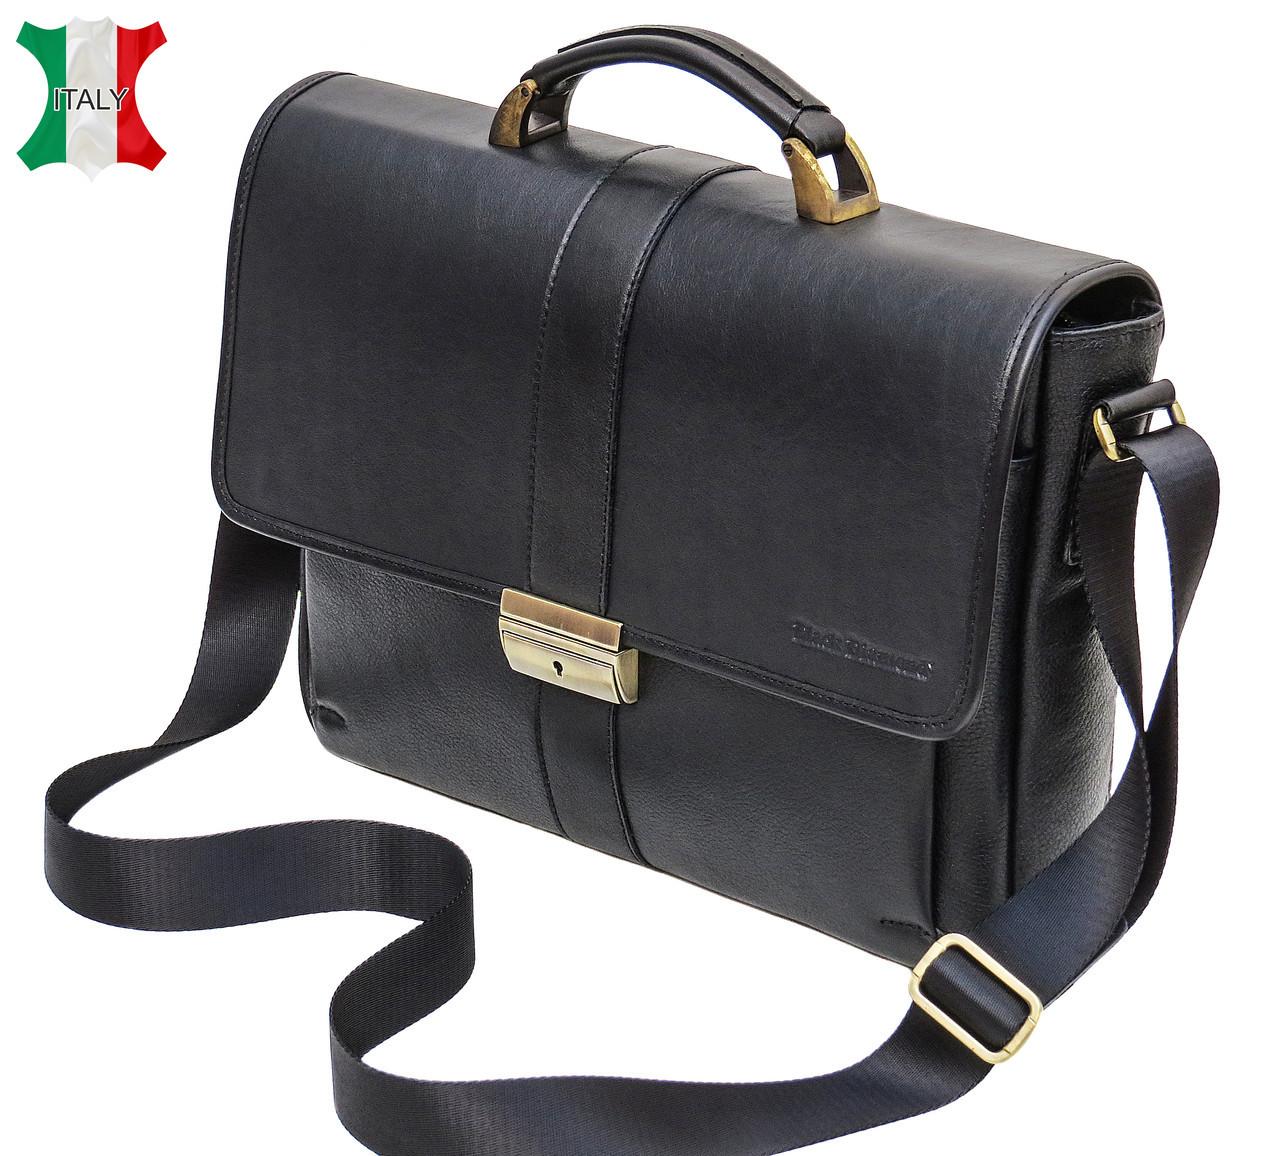 da7c3fa63a12 Мужской кожаный портфель Black Diamond BD19A, черный — только качественная  продукция от ...